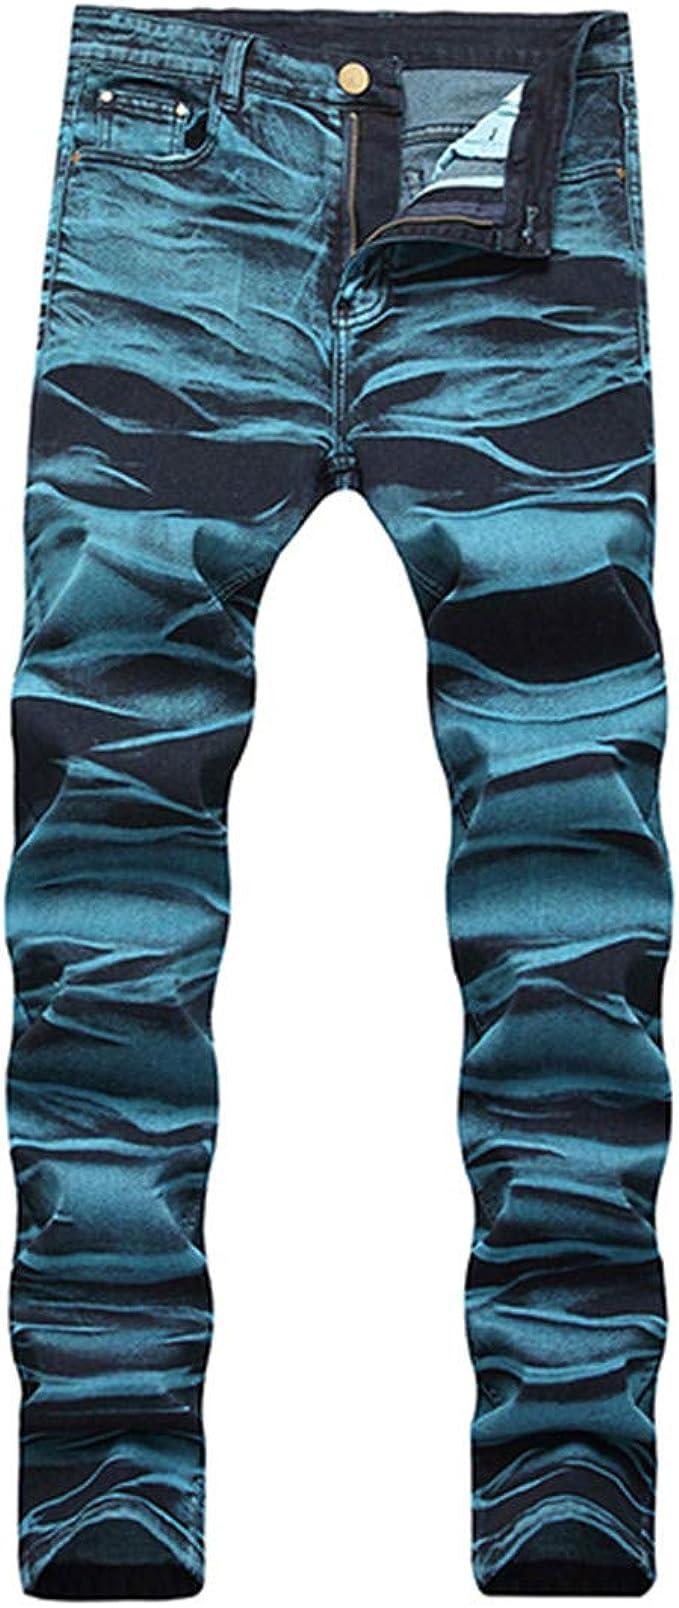 LETMAYPEO Pantalones Vaqueros Pintados a la Moda para Hombre ...